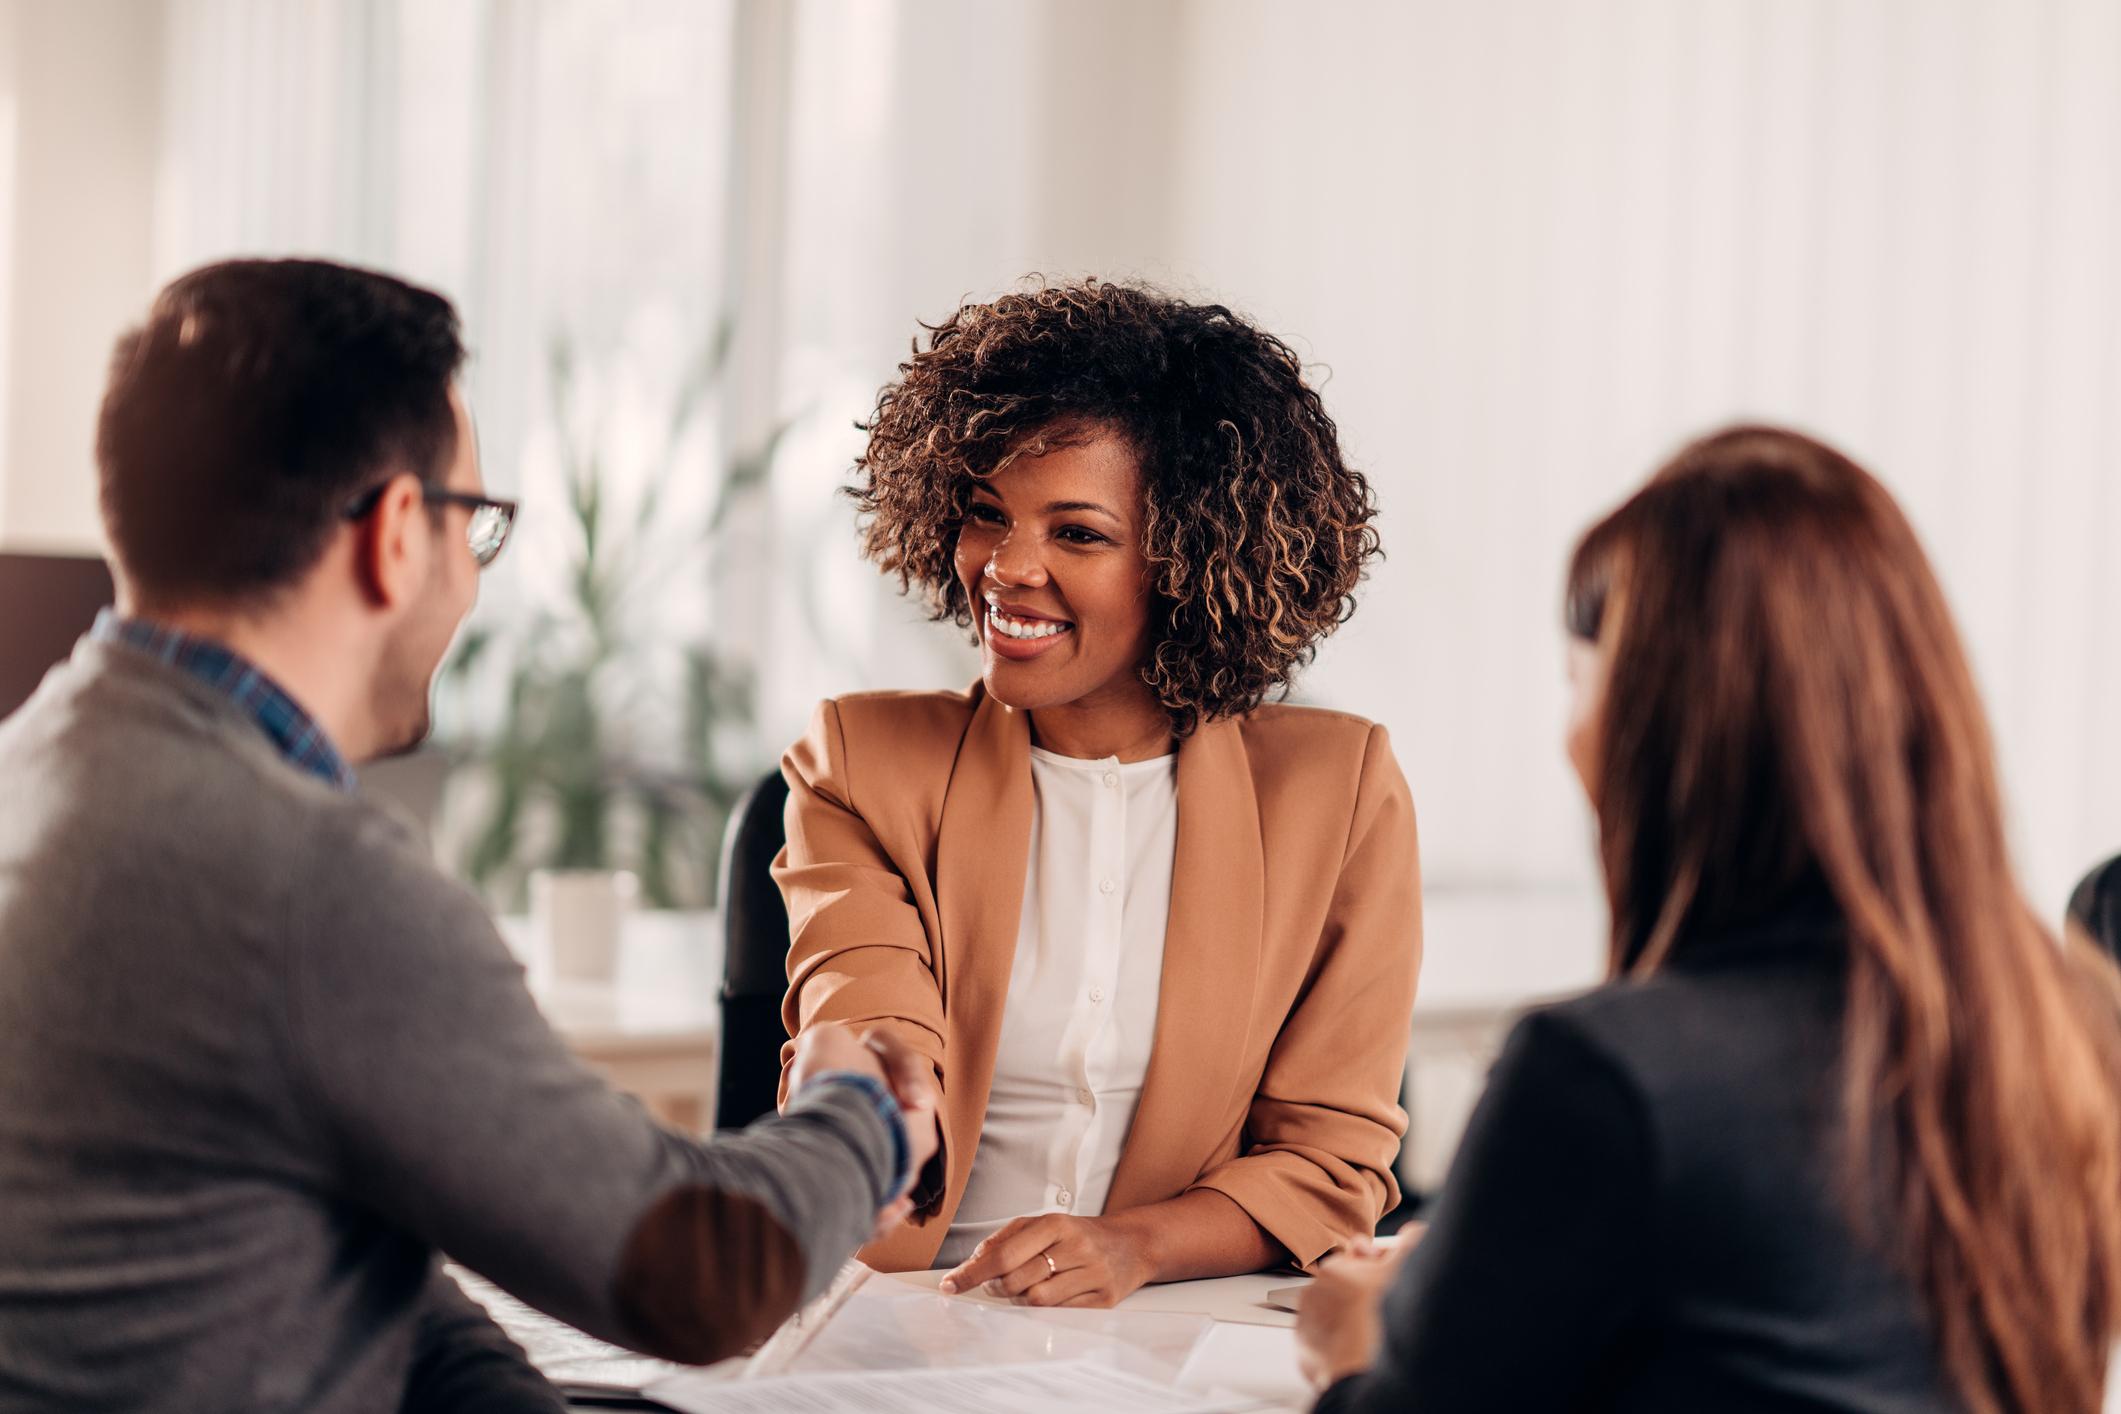 Fidelizar cliente é tão importante quanto atrair novos